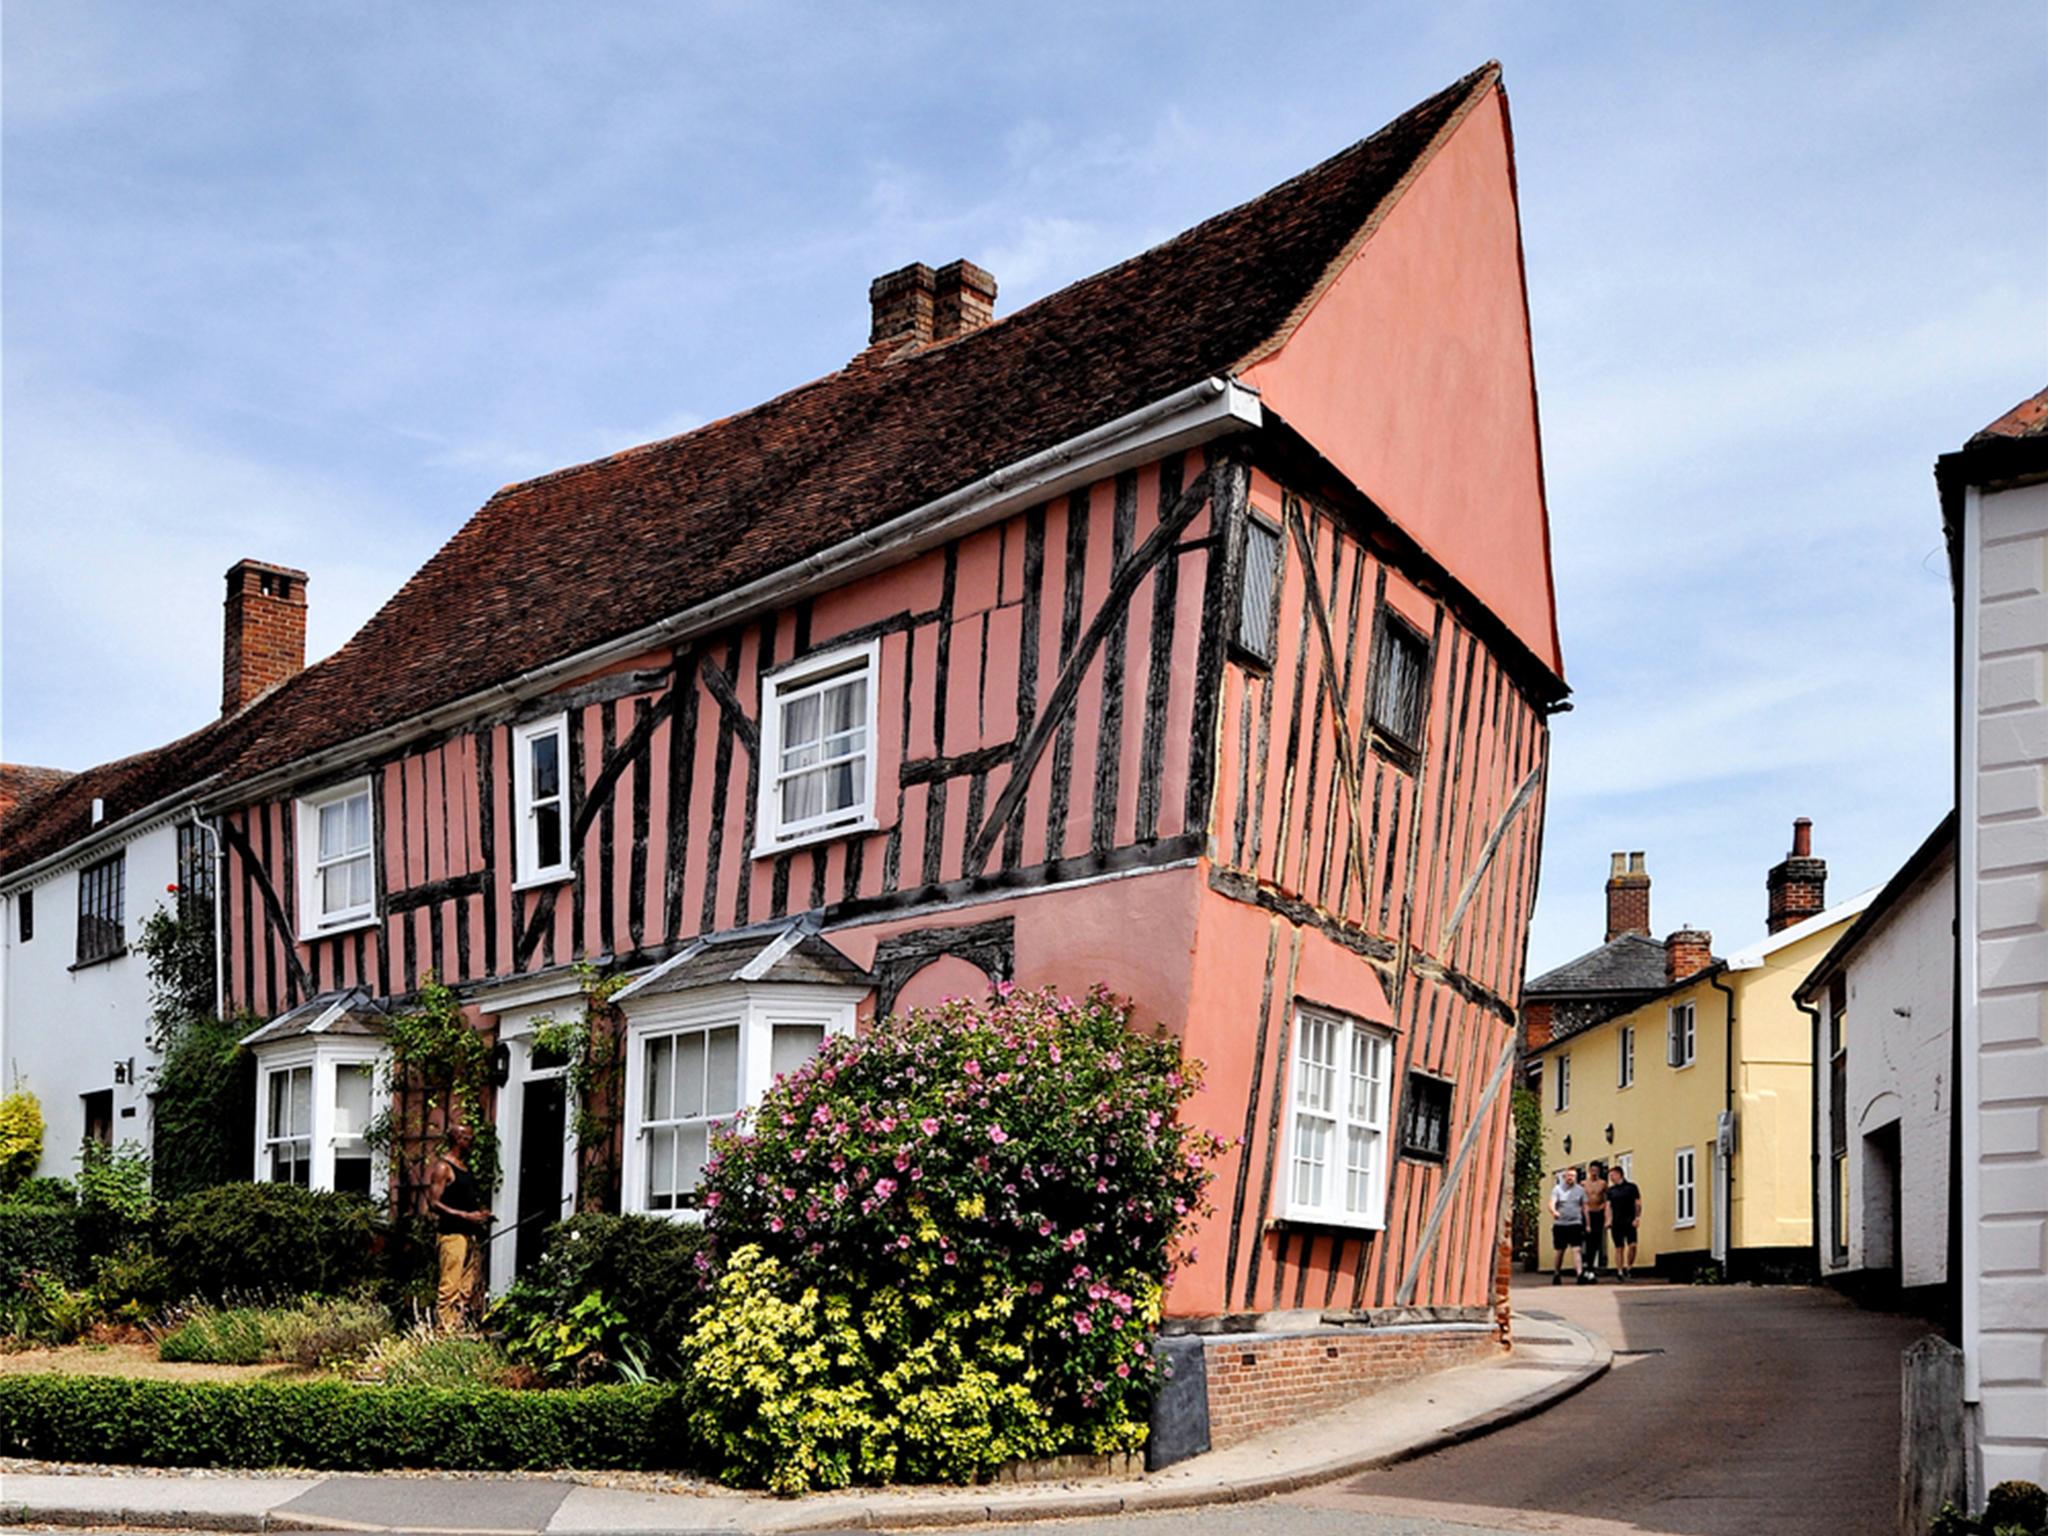 De Vere House